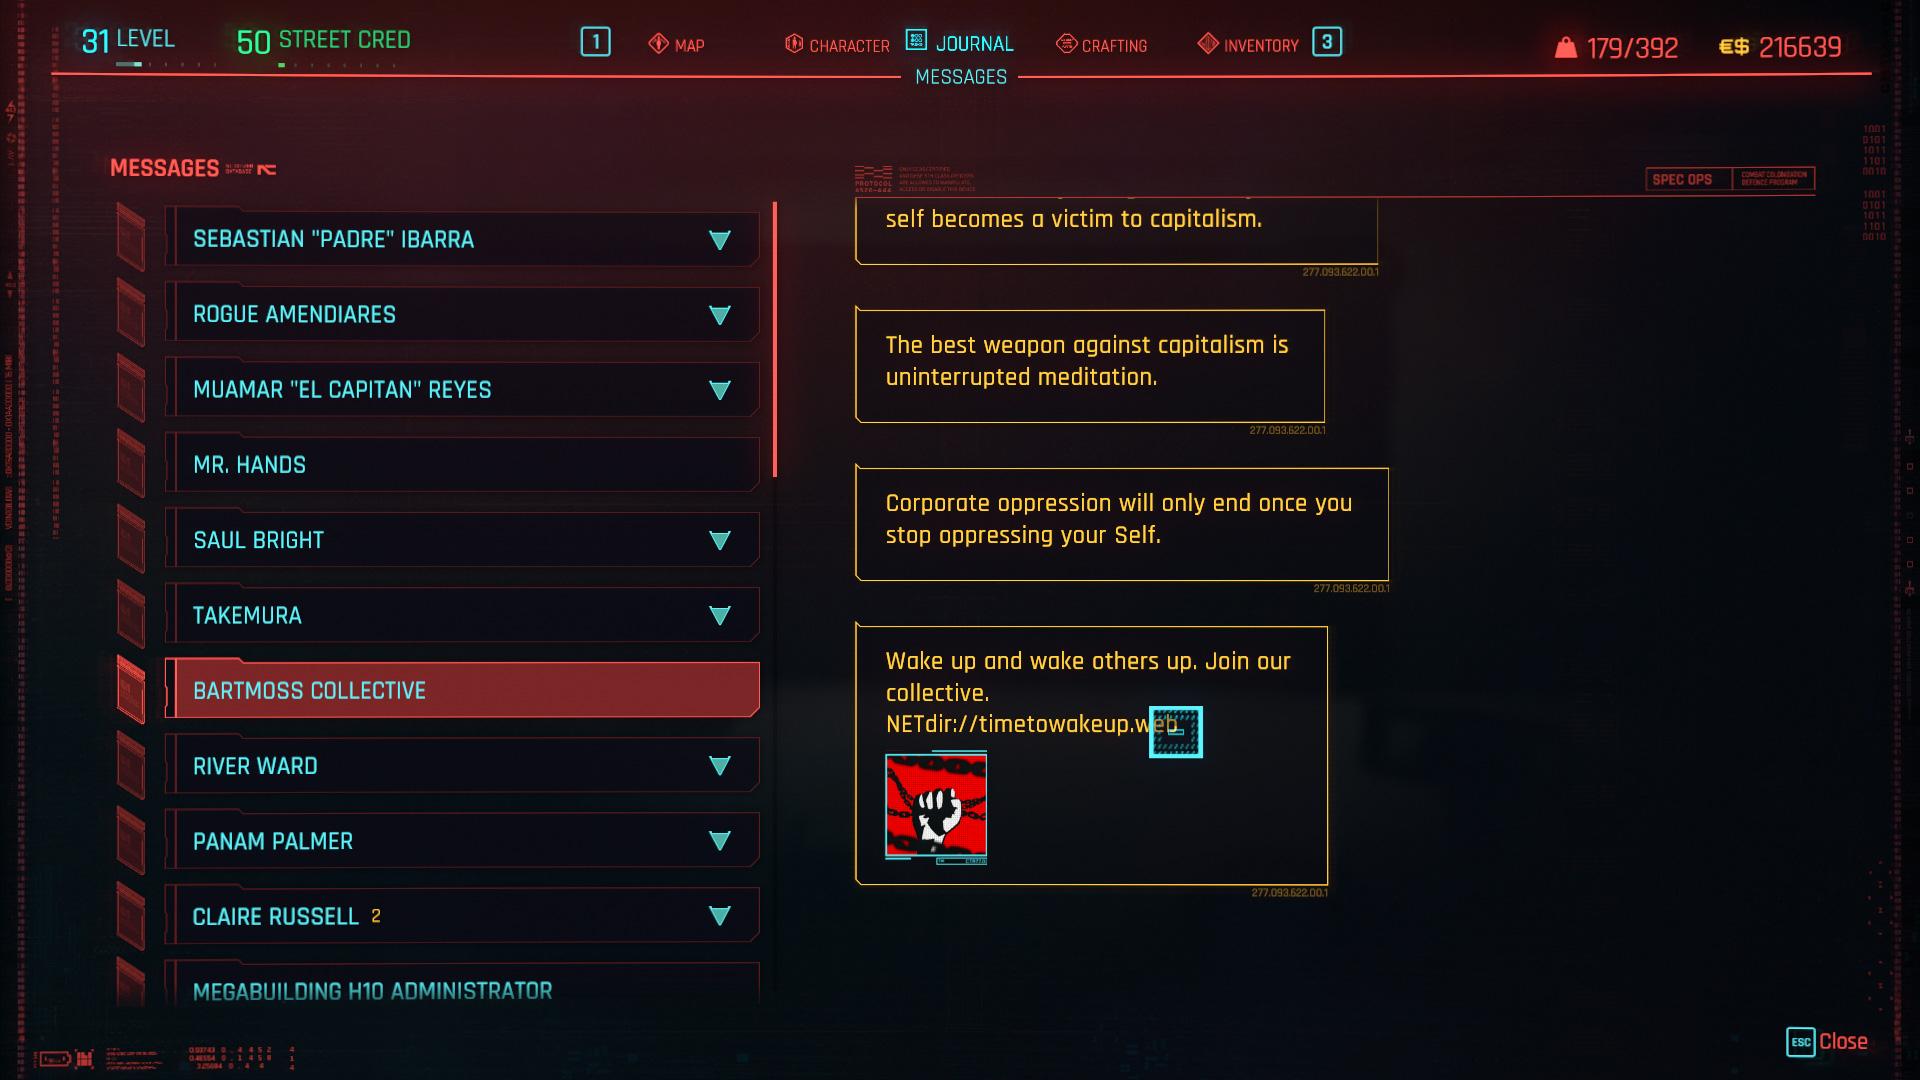 Comment enquêter sur le site à partir du message collectif Bartmoss dans Cyberpunk 2077 1